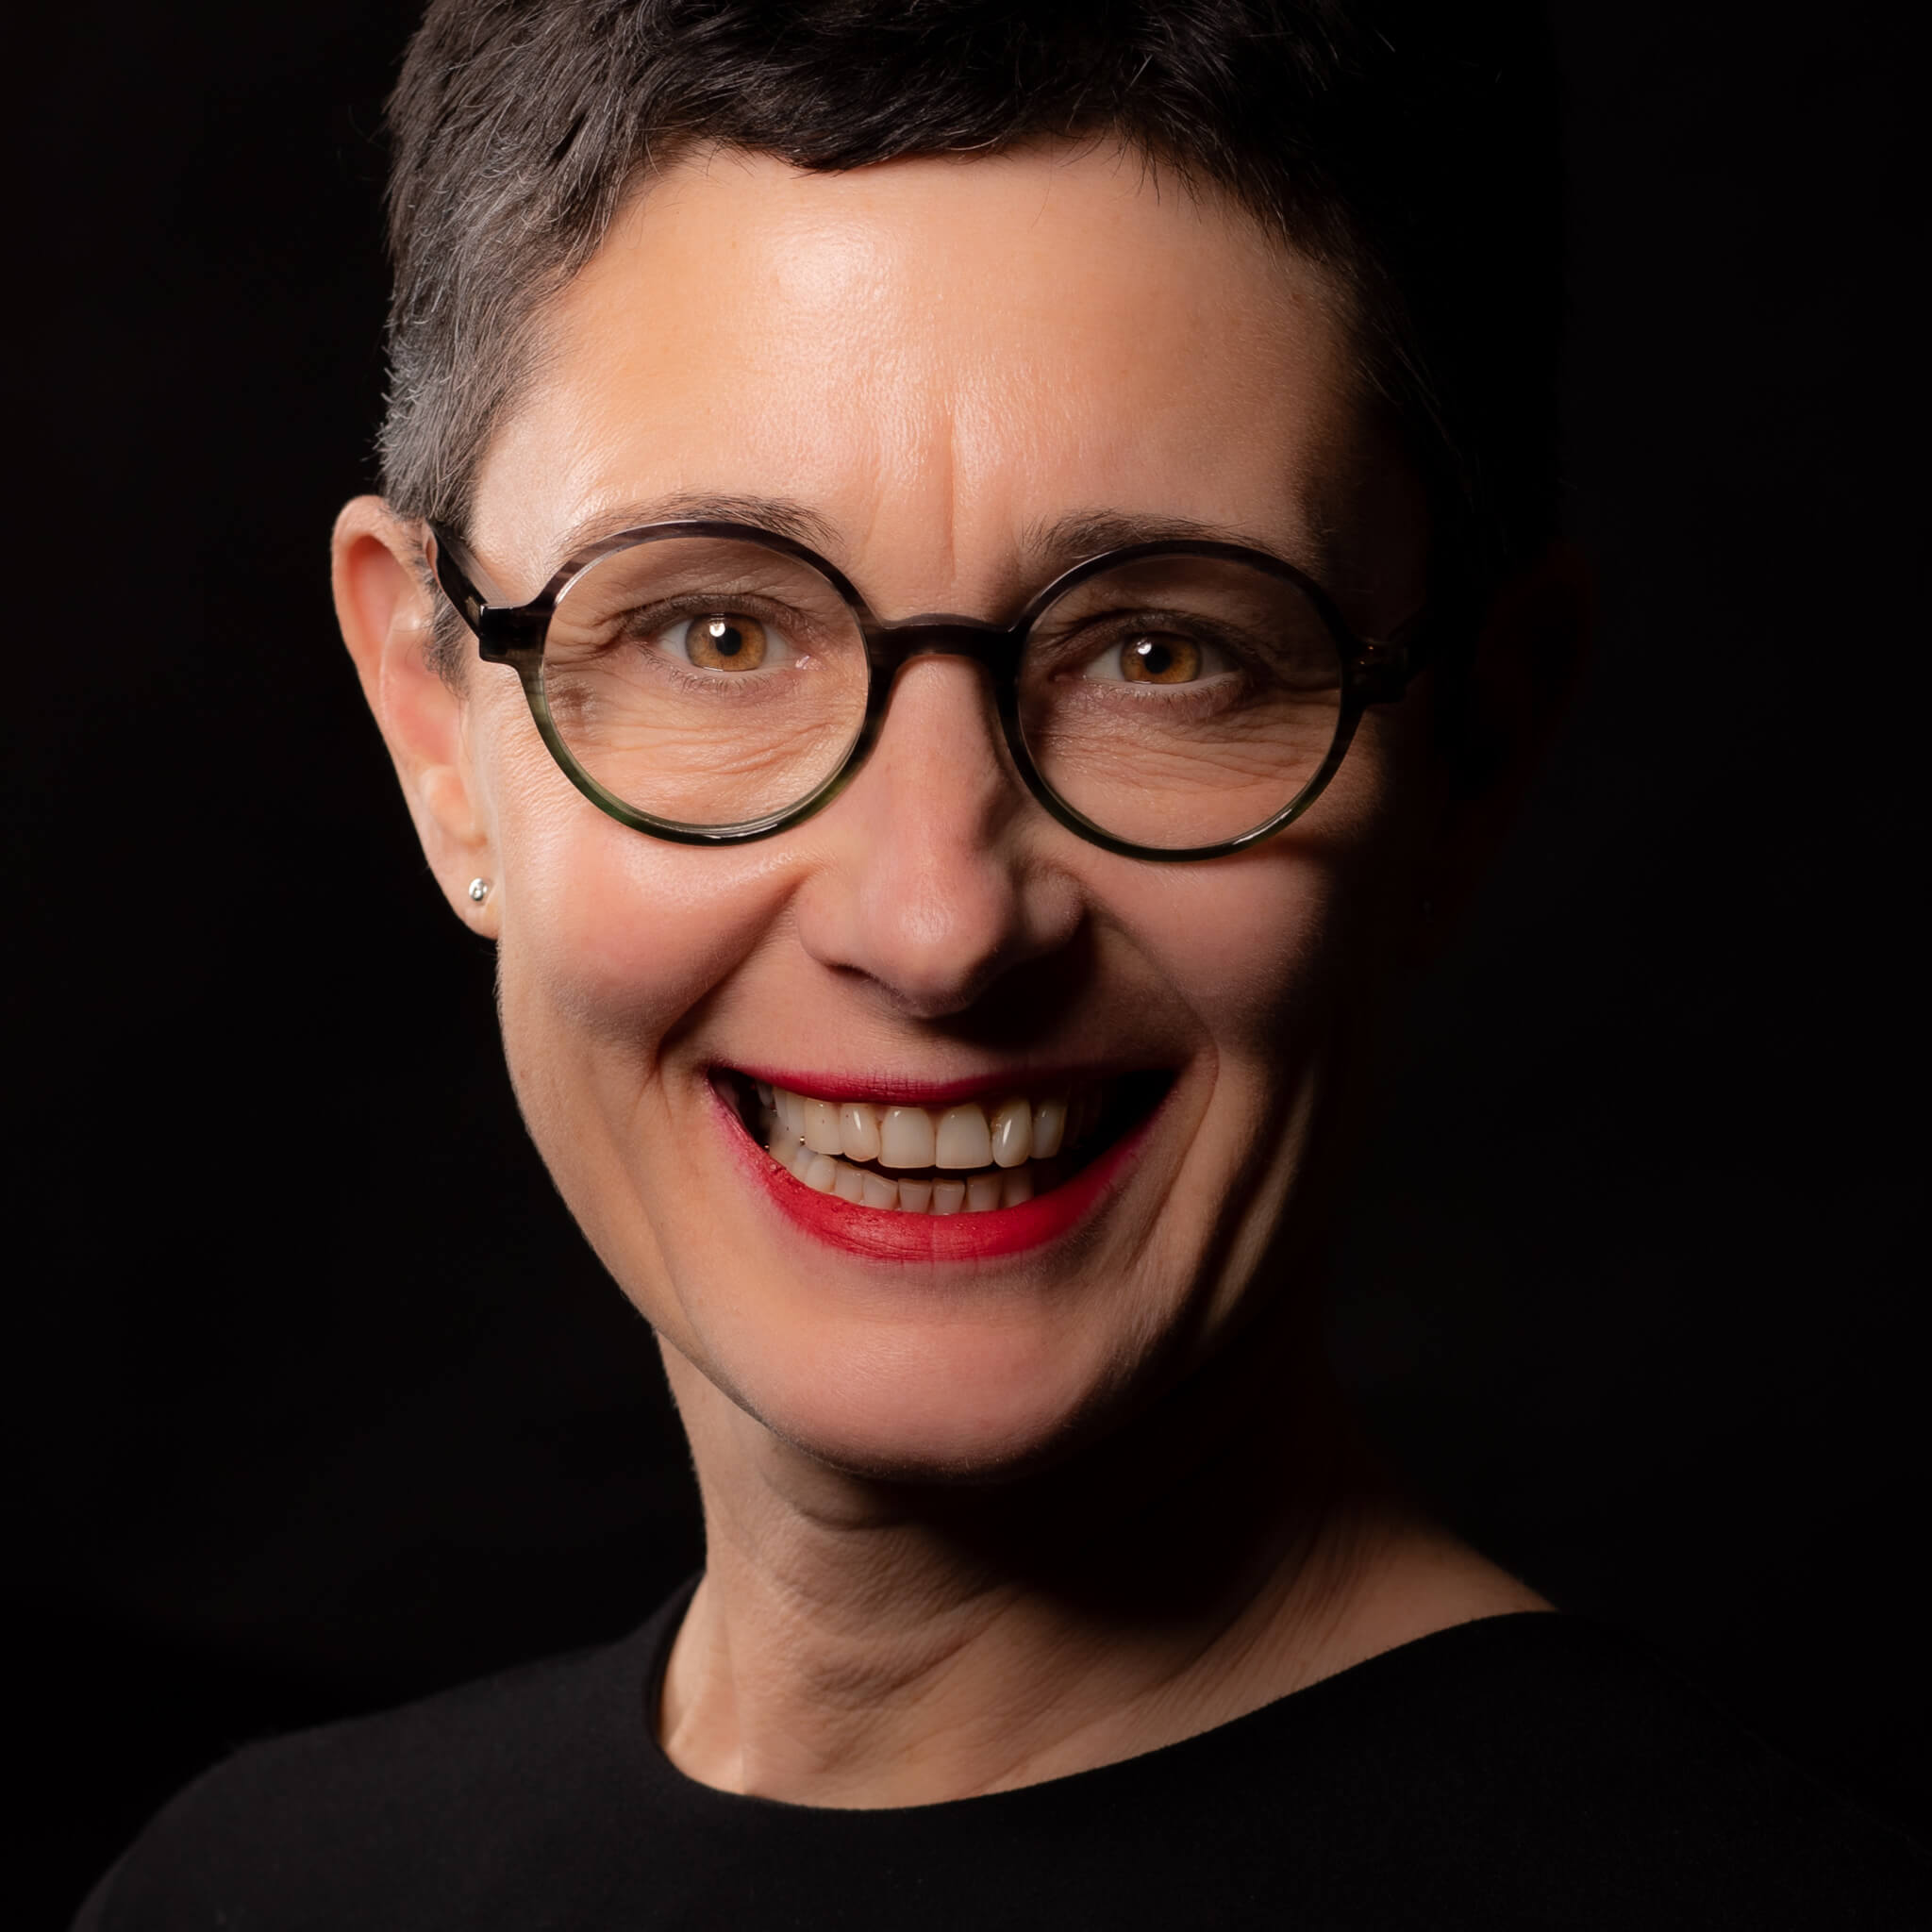 Gabi Wutschke